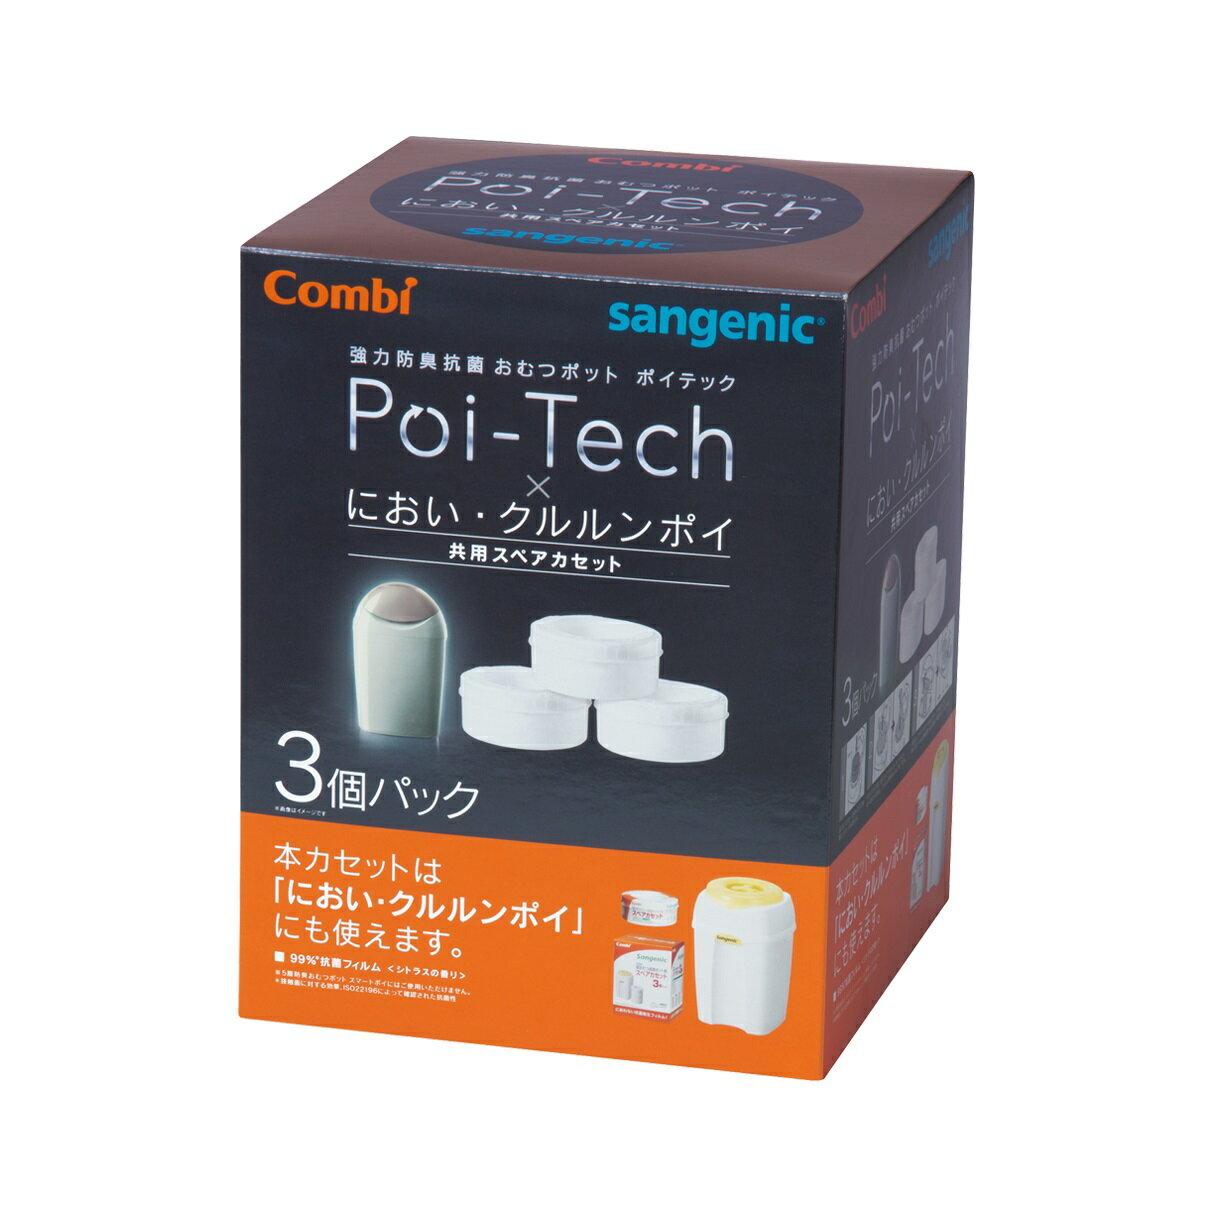 日本【Combi 康貝】尿布處理器強力防臭抗 菌膠捲3入 - 限時優惠好康折扣